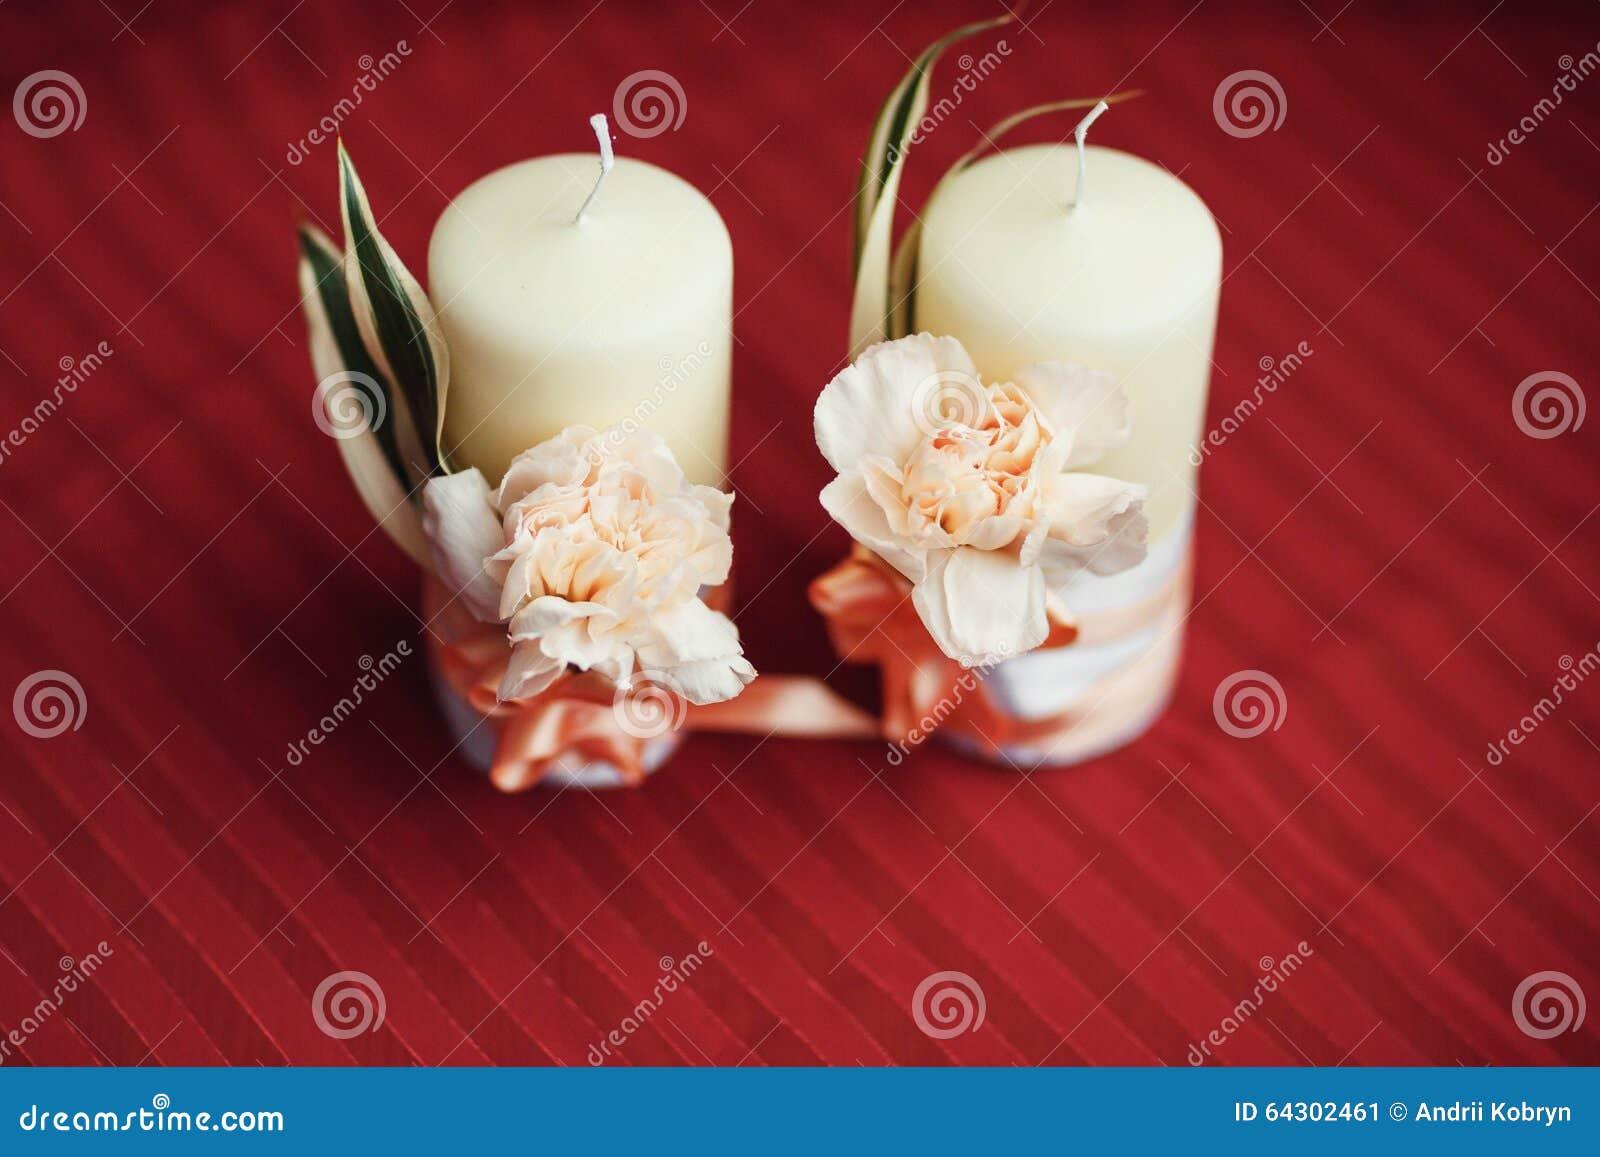 Decorare Candele Bianche : Decorazione romantica con due candele bianche immagine stock